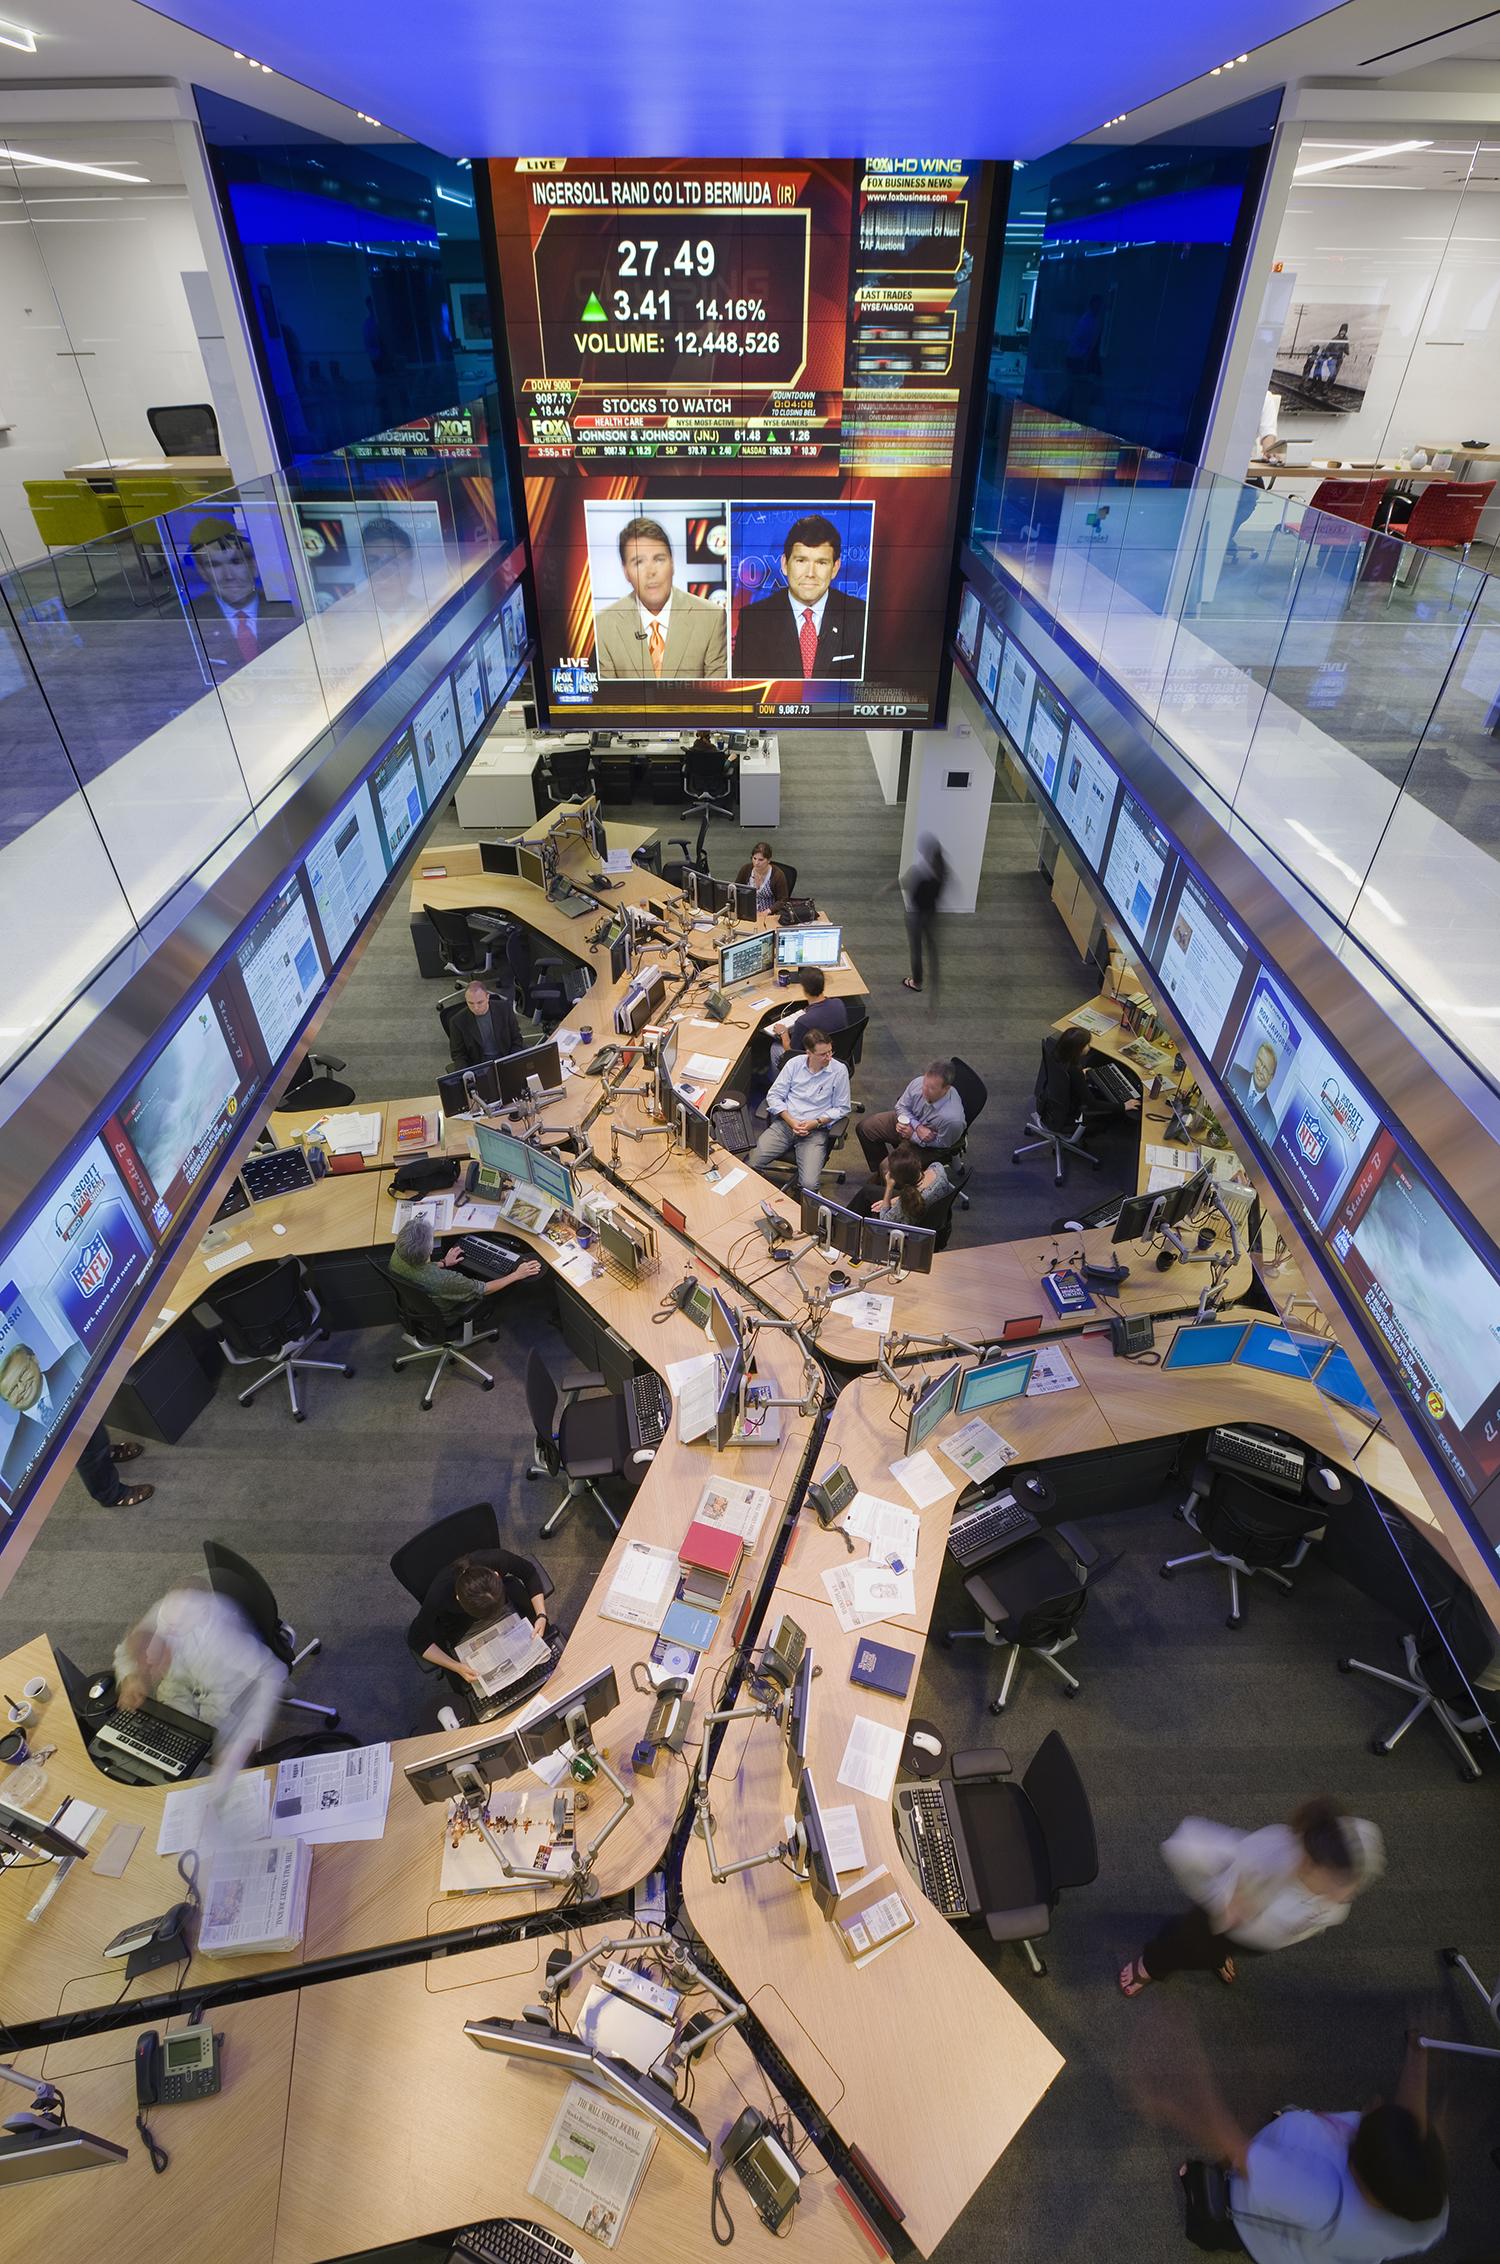 DJ_hub desk fl 7_w ppl_3_1500_px.jpg